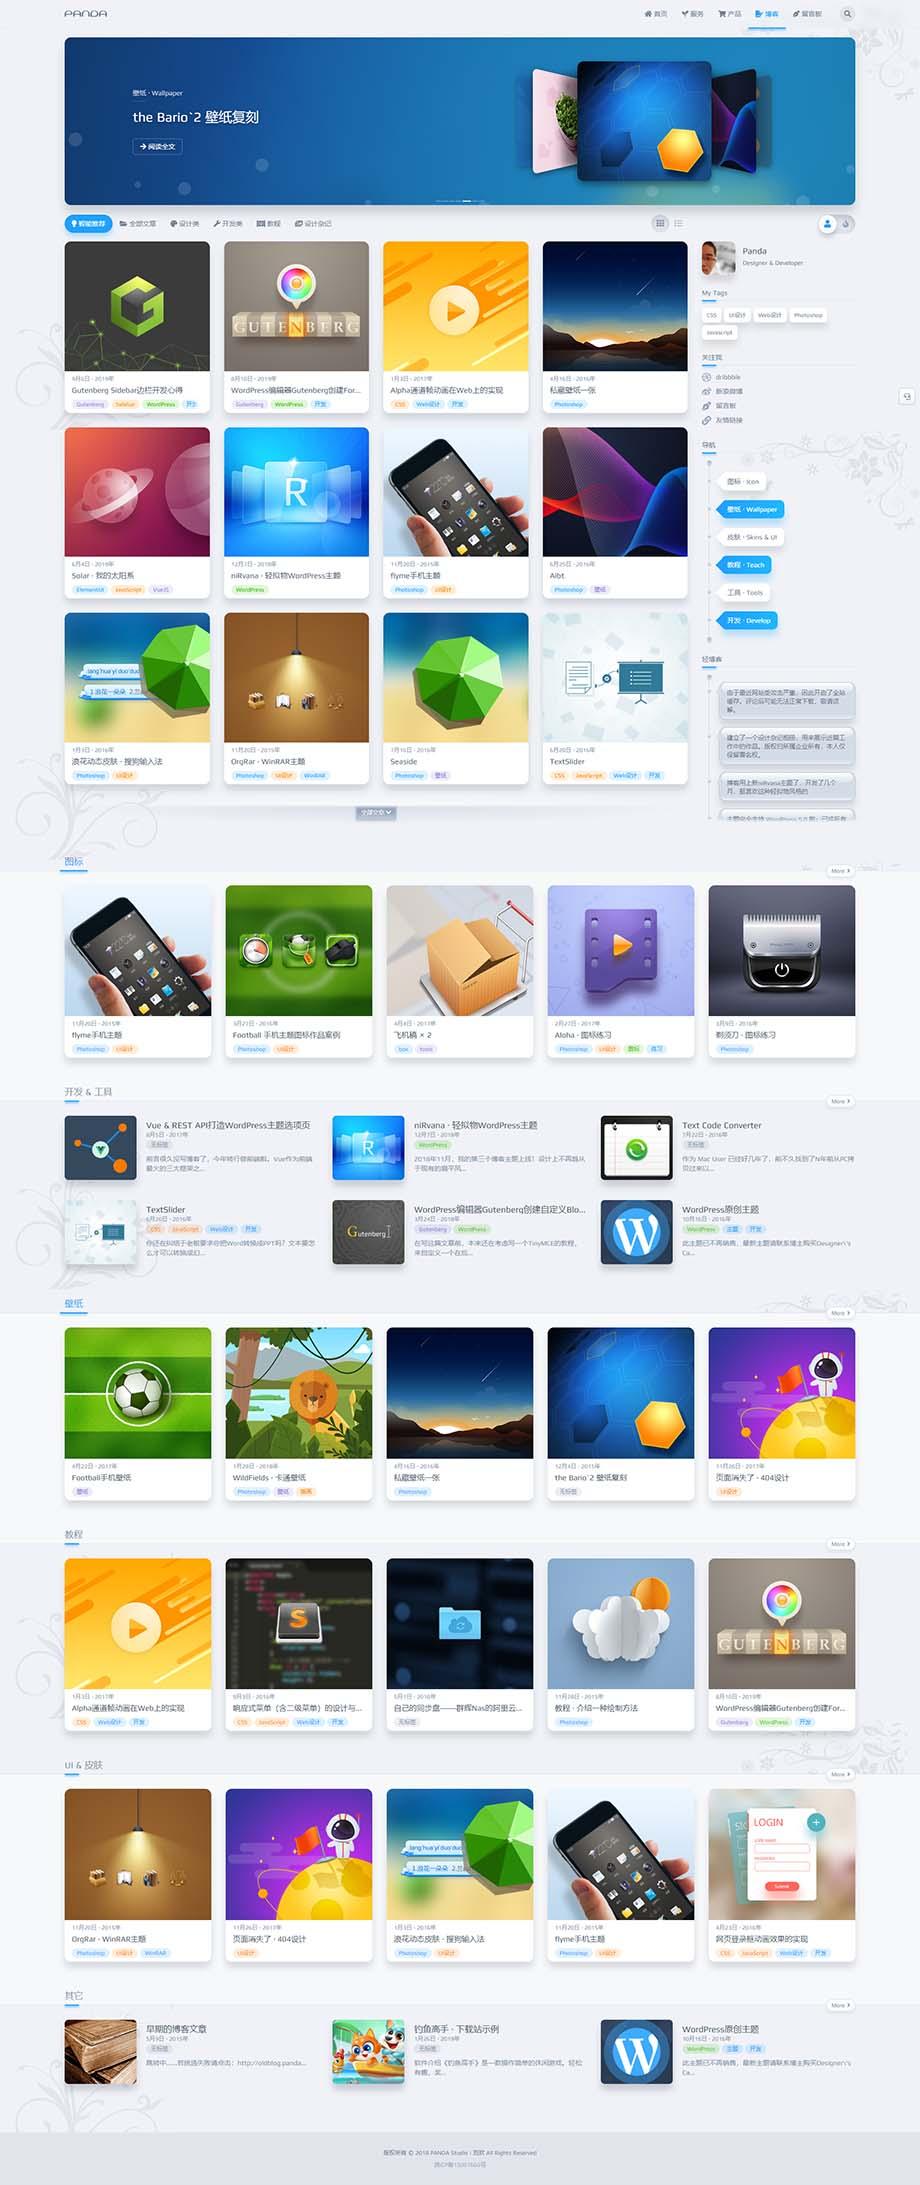 [亲测]WordPress主题niRvana v3.3.0轻拟物博客主题破解完美版 第1张